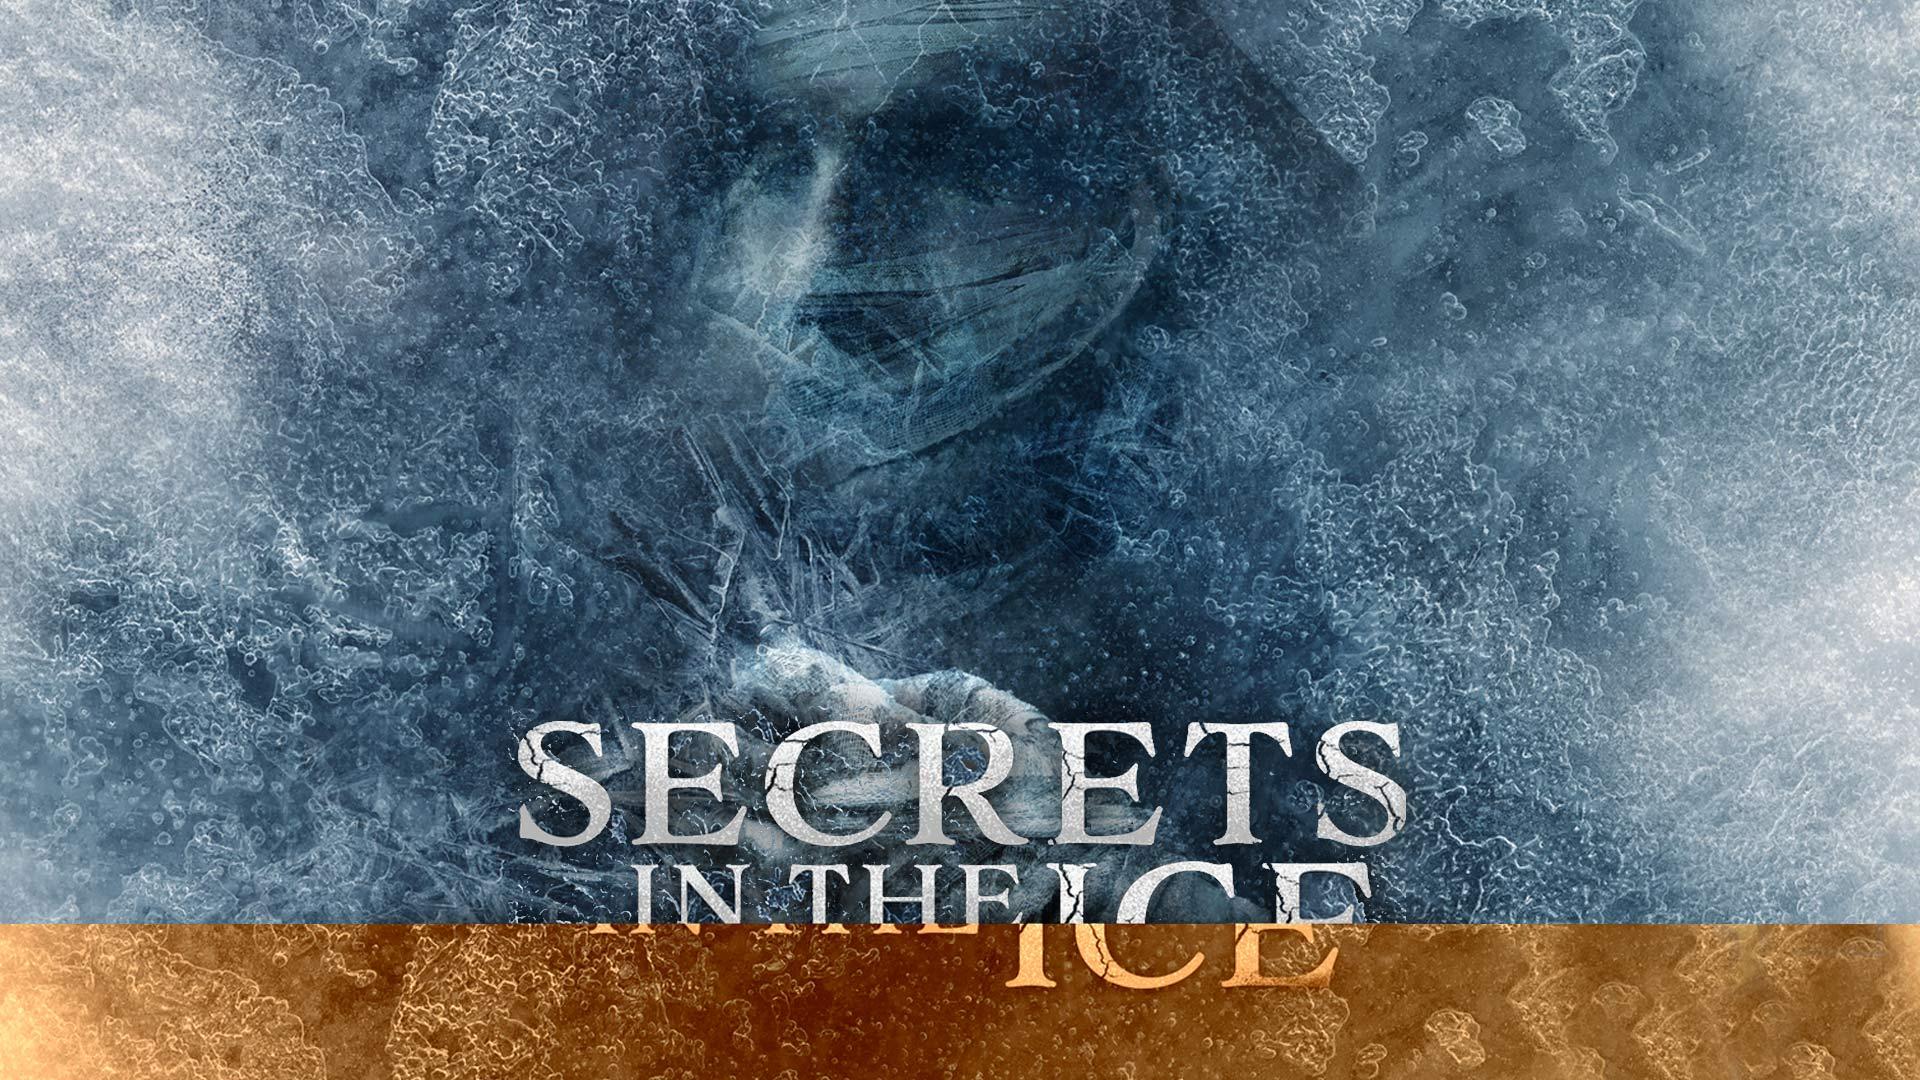 Secrets in the Ice - Season 1